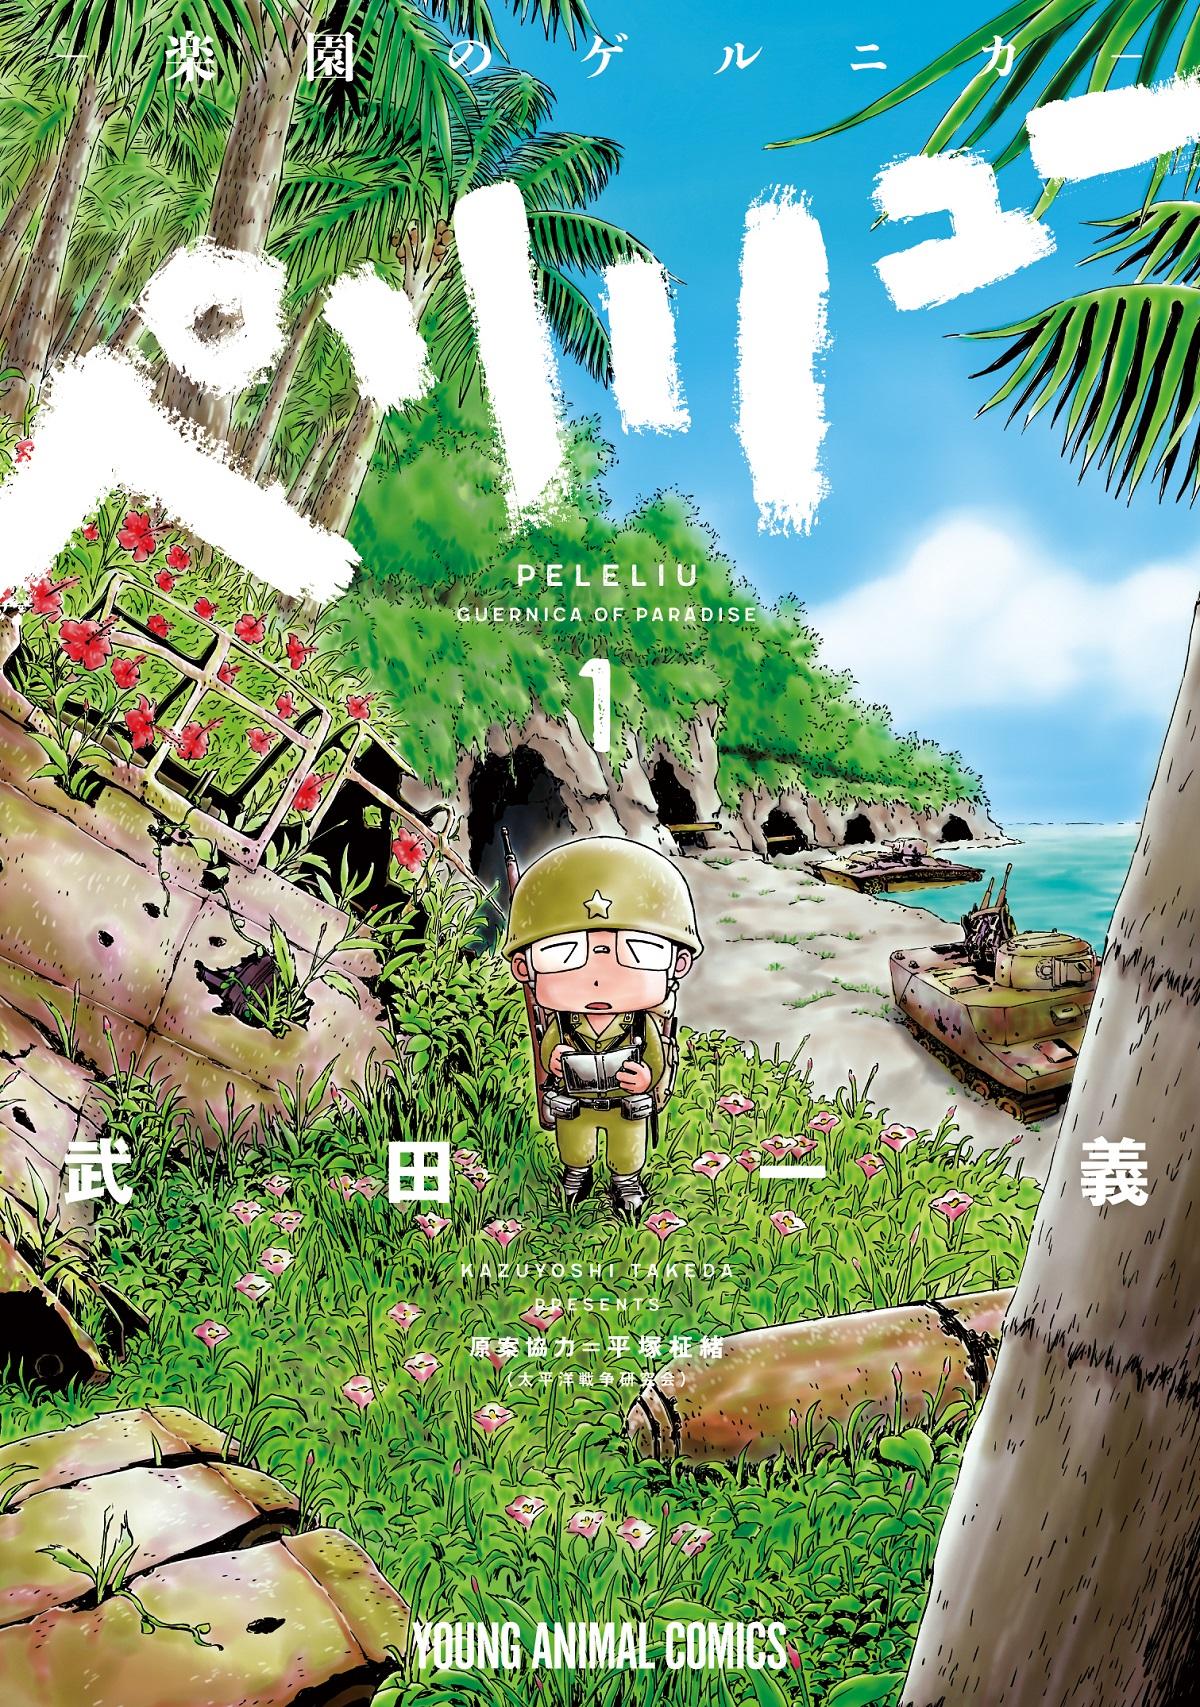 写真・図版 : 武田一義『ペリリュー 楽園のゲルニカ』 ©武田一義/白泉社